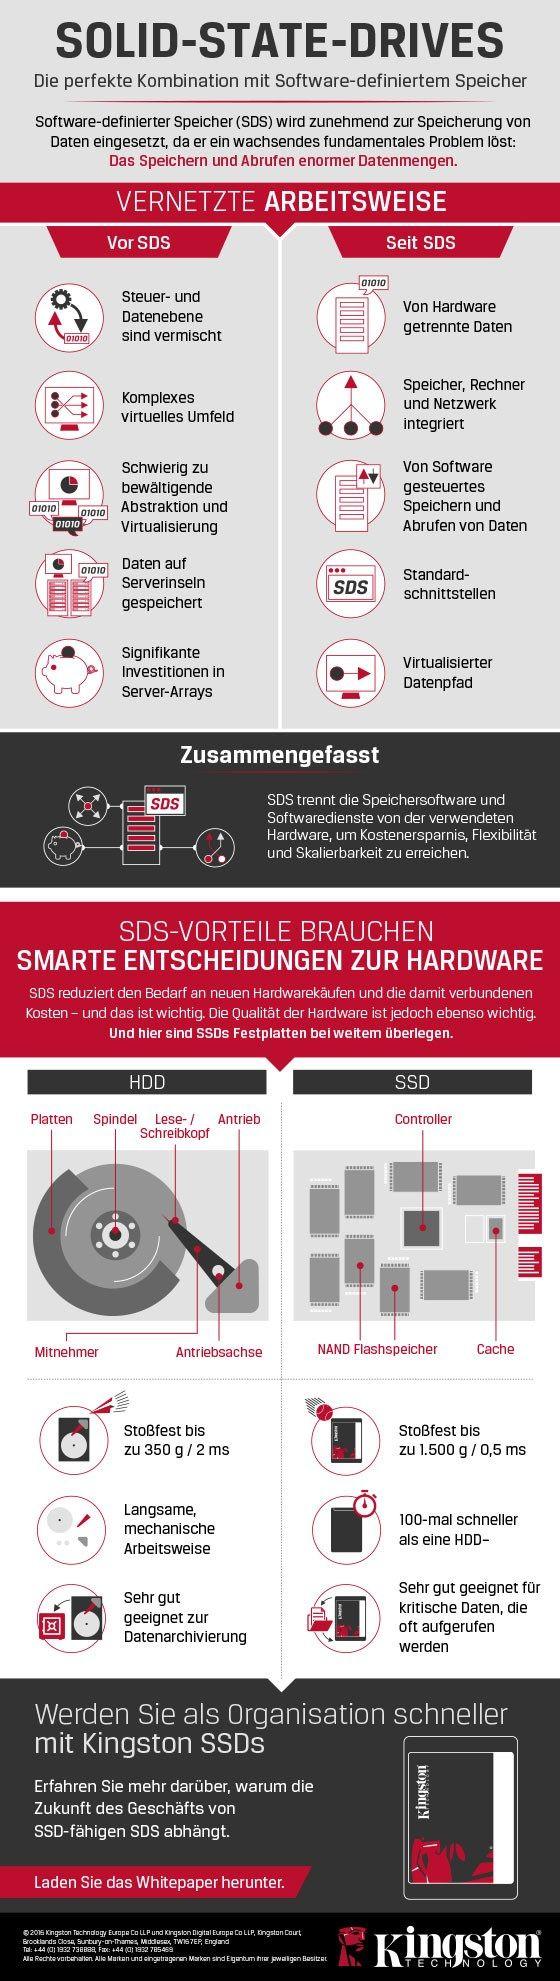 Solid State Drives for Software defined Memory. Software-definierter Speicher – nächster Schritt in der IT-Virtualisierung